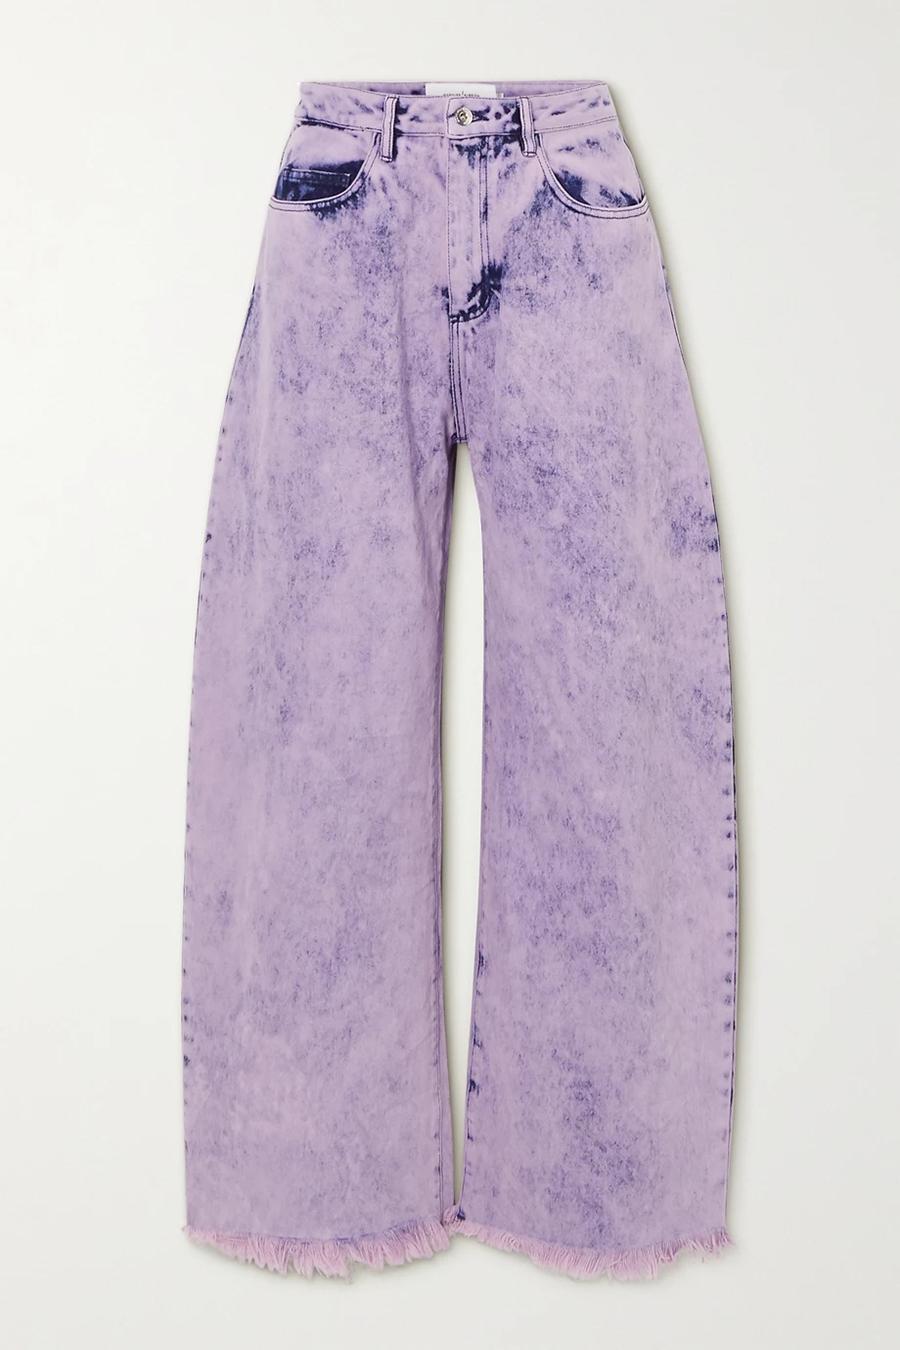 модные джинсы осень 2020 палаццо клеш свободные фиолетовые с широкими штанинами высокая посадка